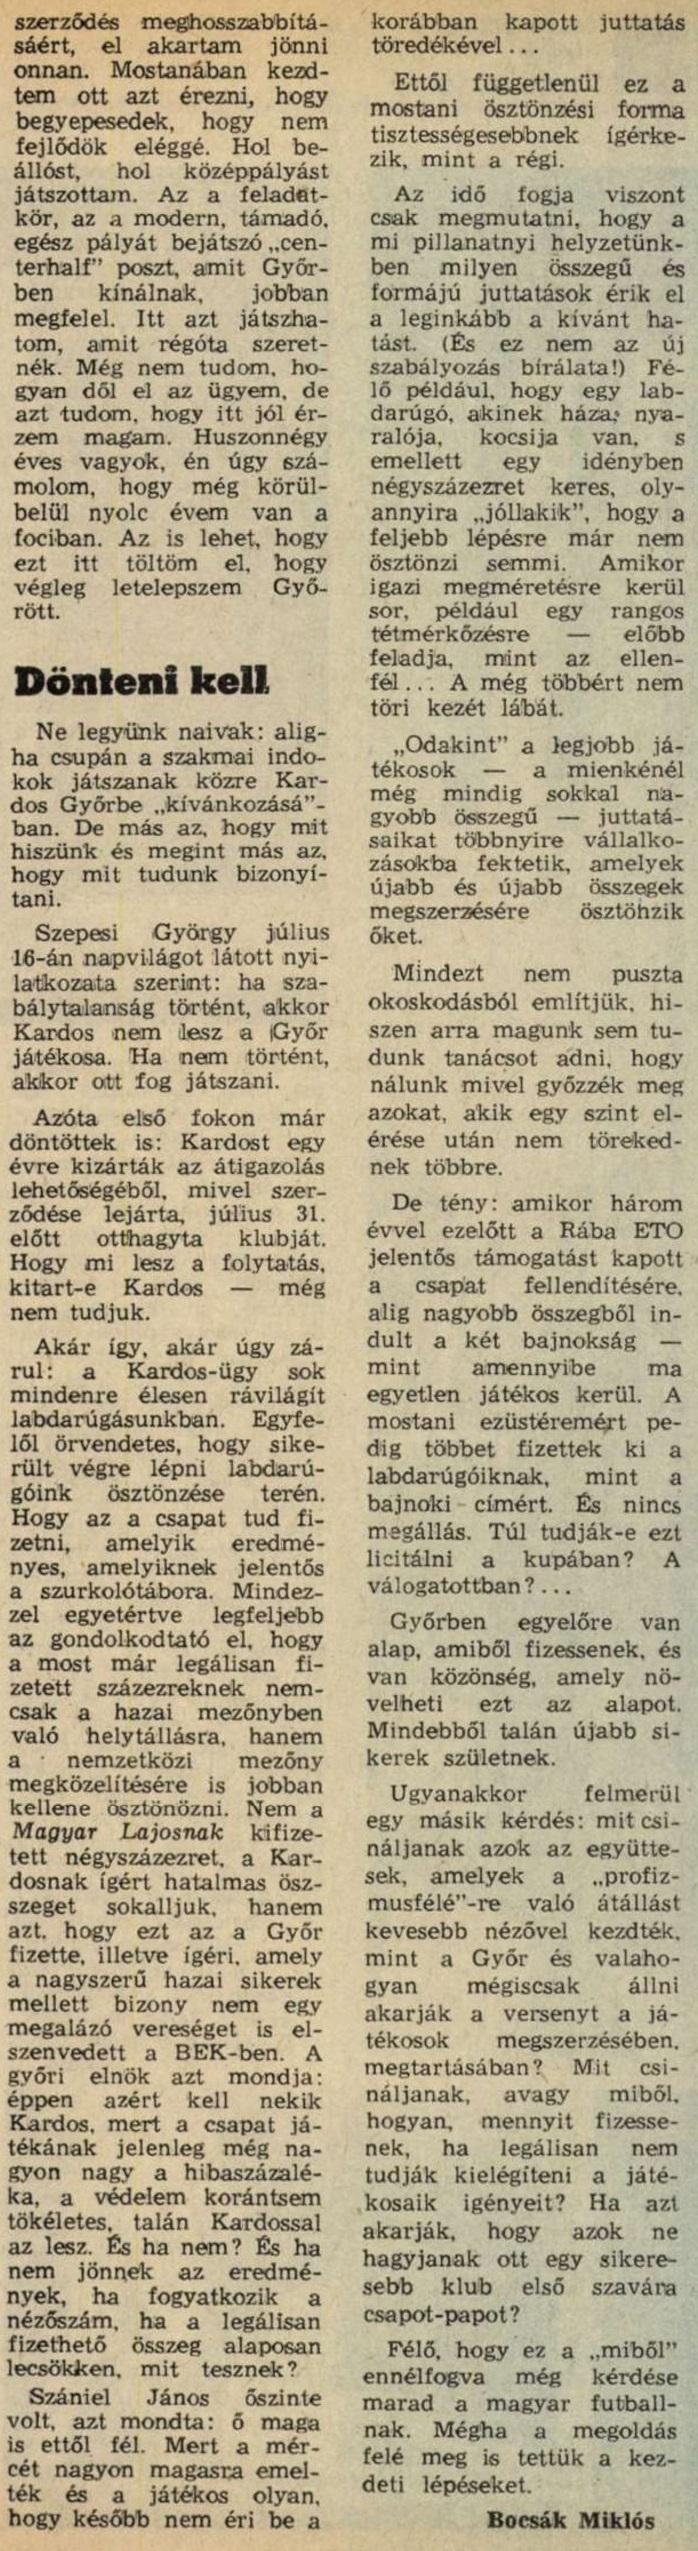 idokapszula_nb_i_1983_84_tavaszi_zaras_merlegen_a_felsohaz_kardos_jozsef_3.jpg